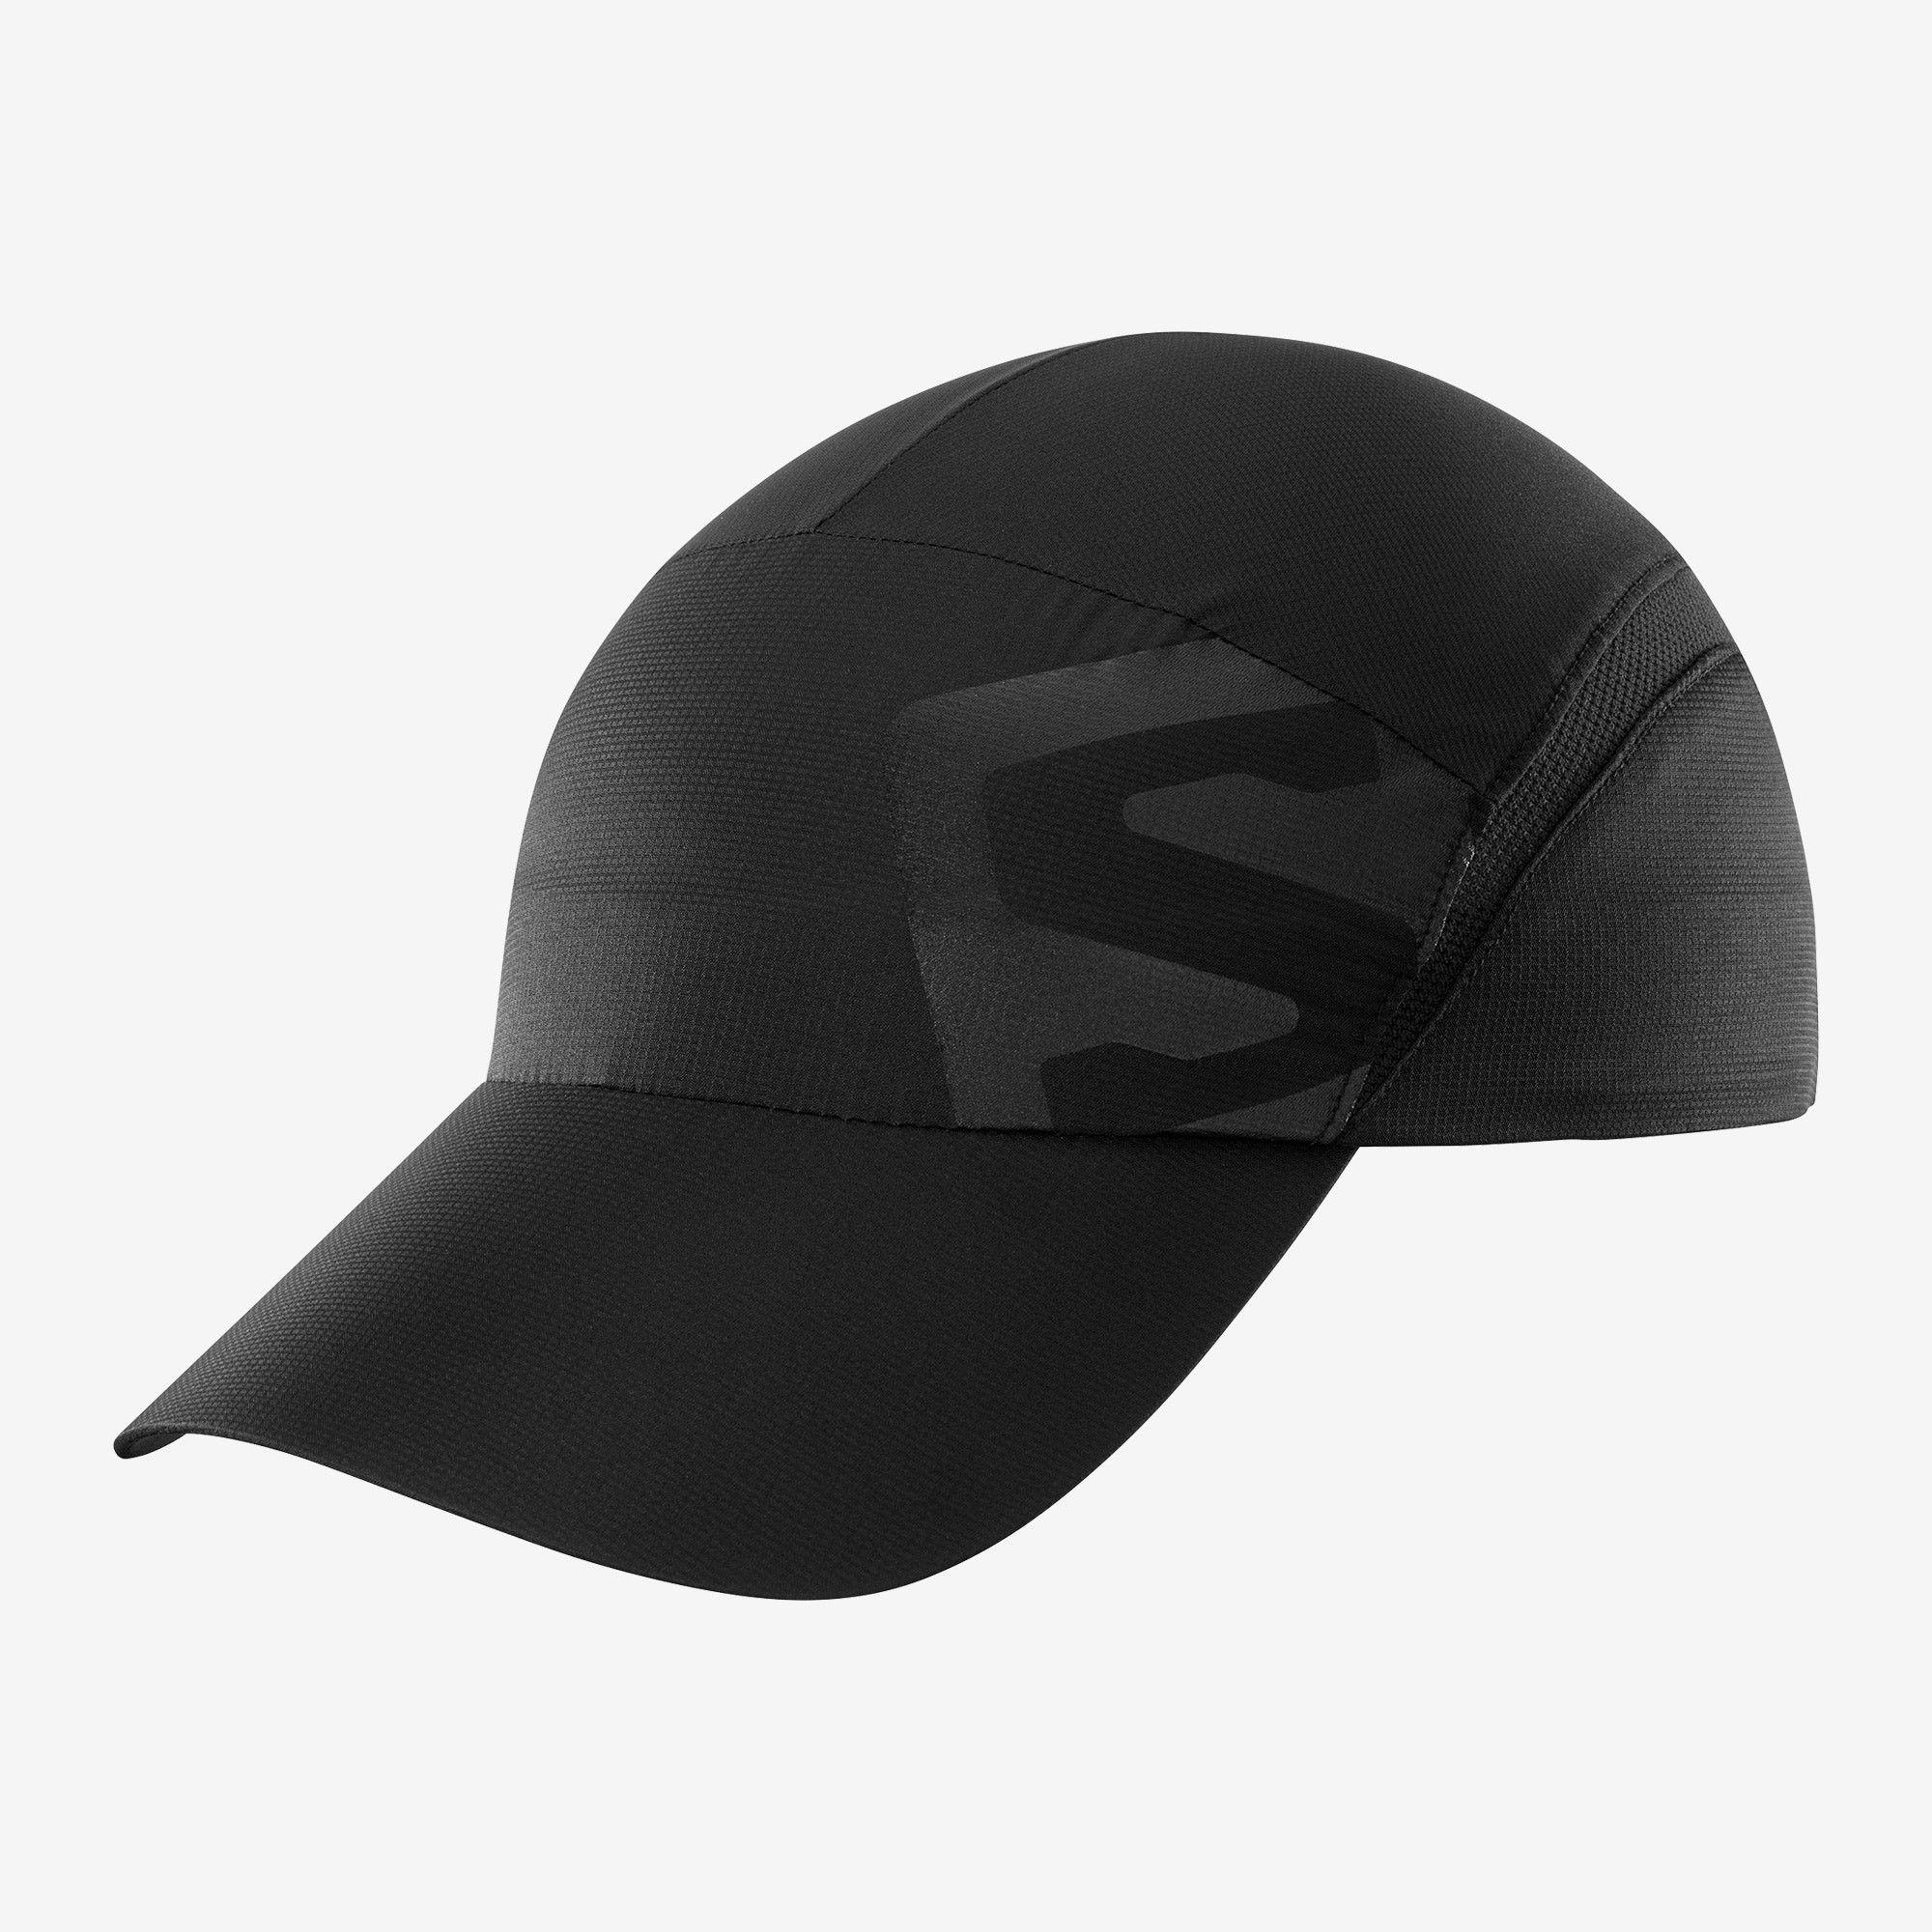 XA CAP BLACK SHINY